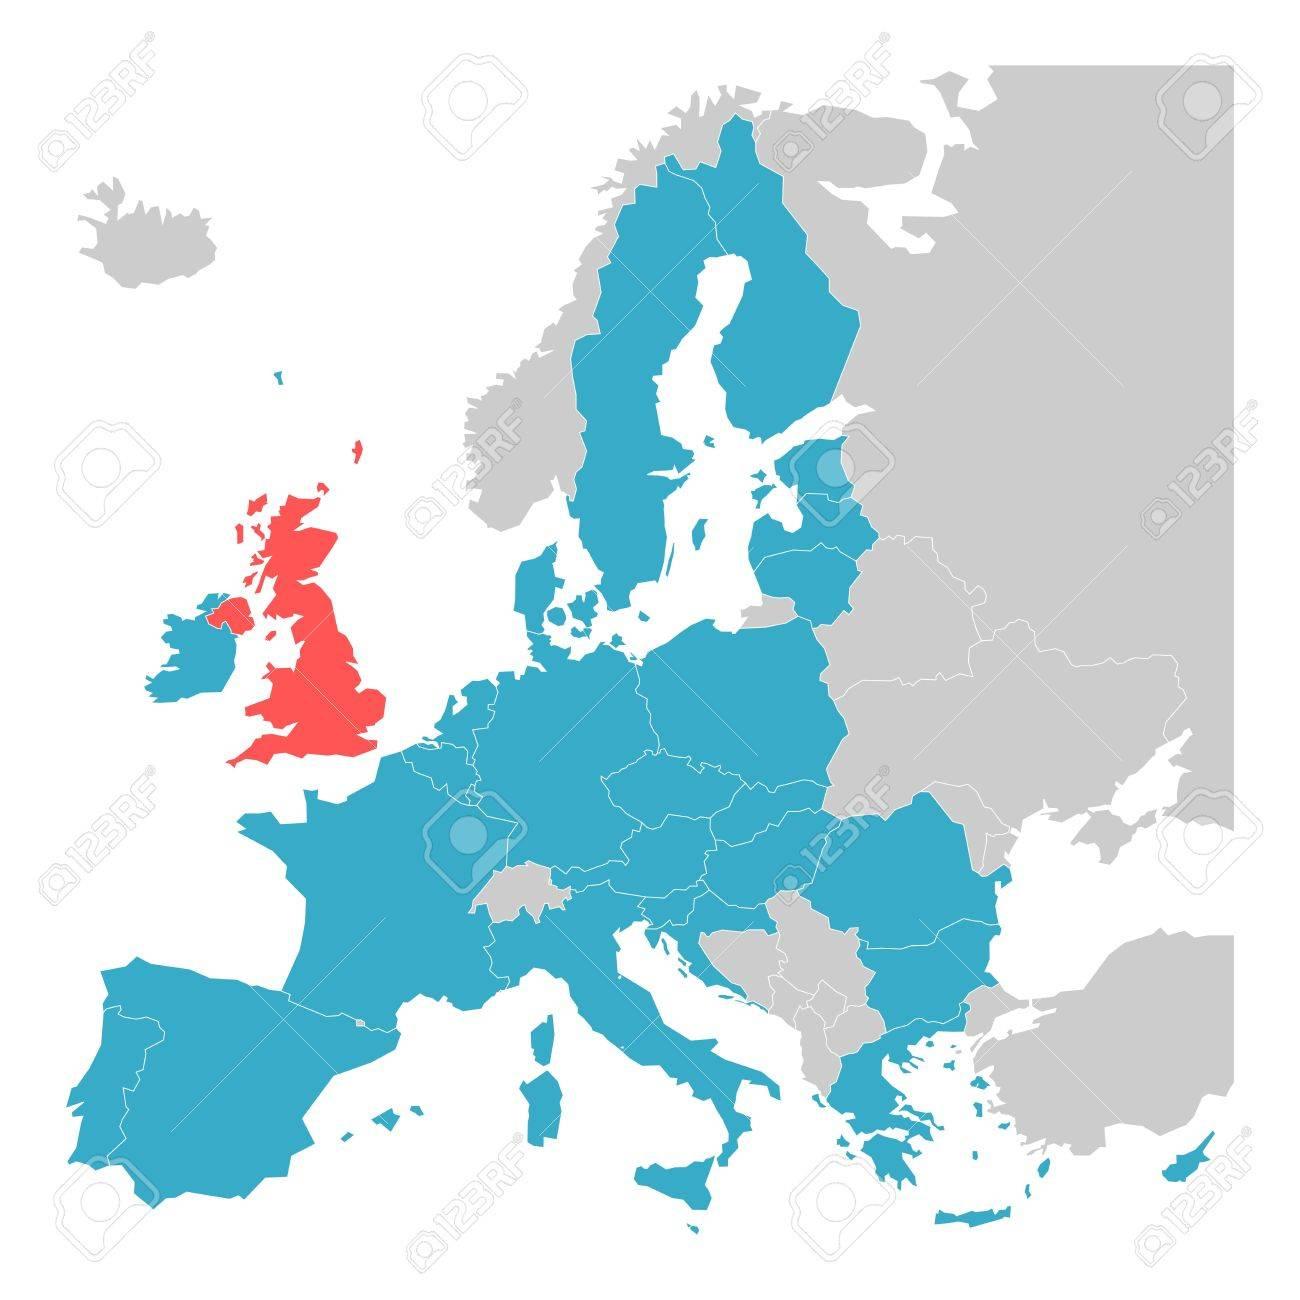 Brexit Thème Carte - Carte De L'europe Avec Soulignées Etats Membres De  L'ue Et Royaume-Uni Dans Une Couleur Différente. Vector Illustration. Carte tout Carte Vierge De L Union Européenne